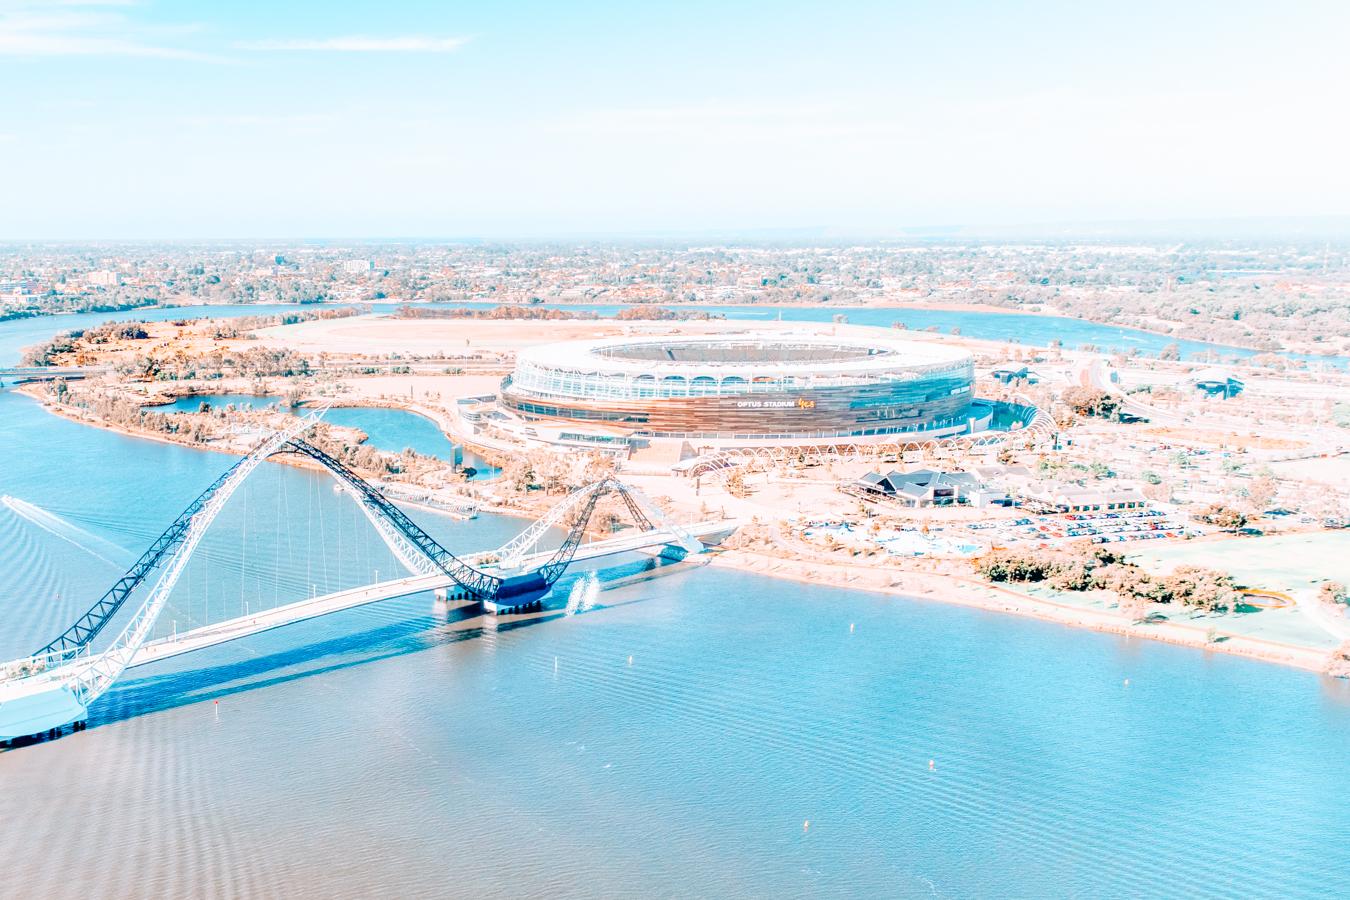 Optus Stadium and a bridge